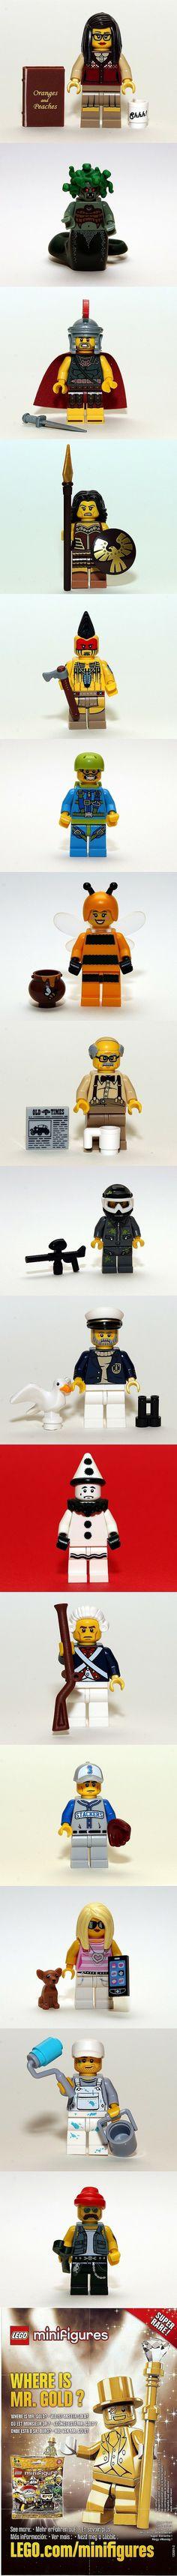 LEGO 71001 - LEGO Collectable Minifigures Series 10 #LEGO